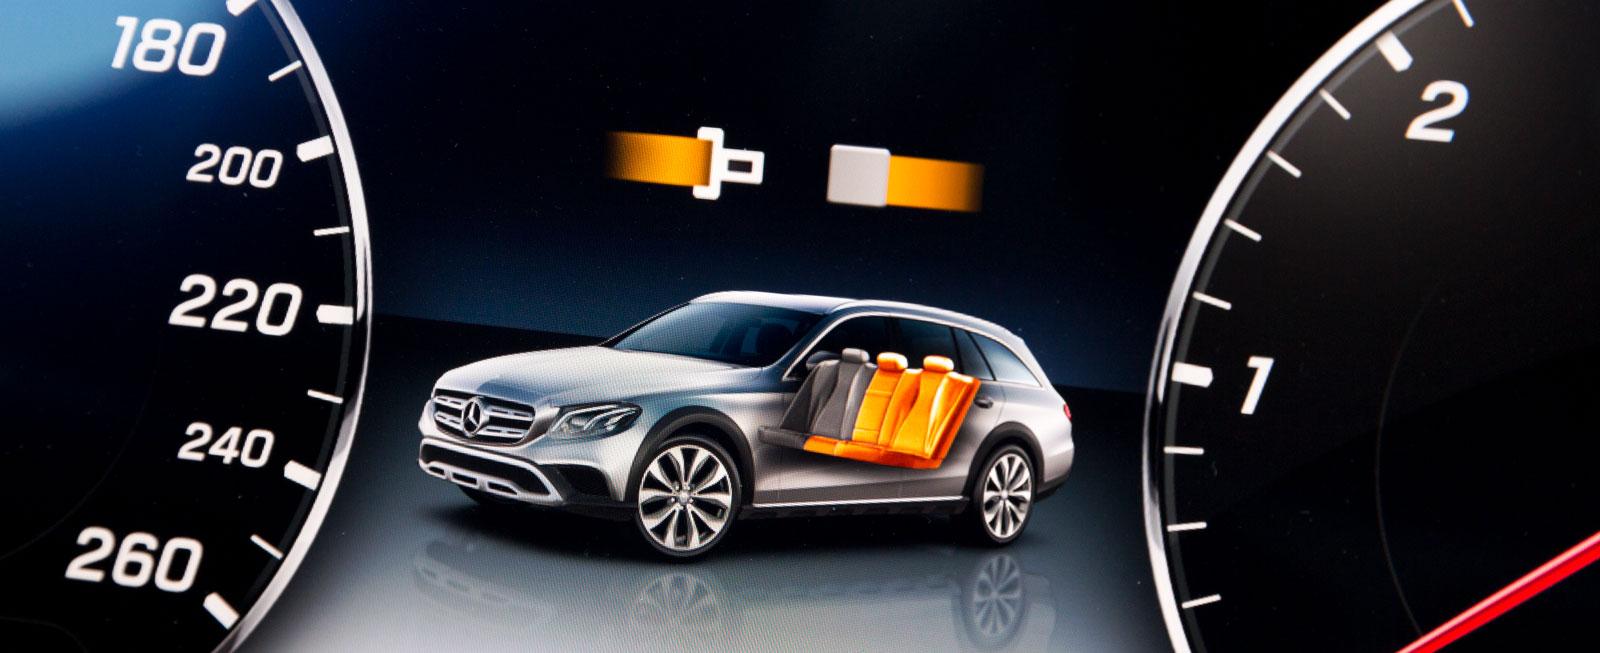 Audi, Mercedes och Volvo har bältesindikering för alla platser.